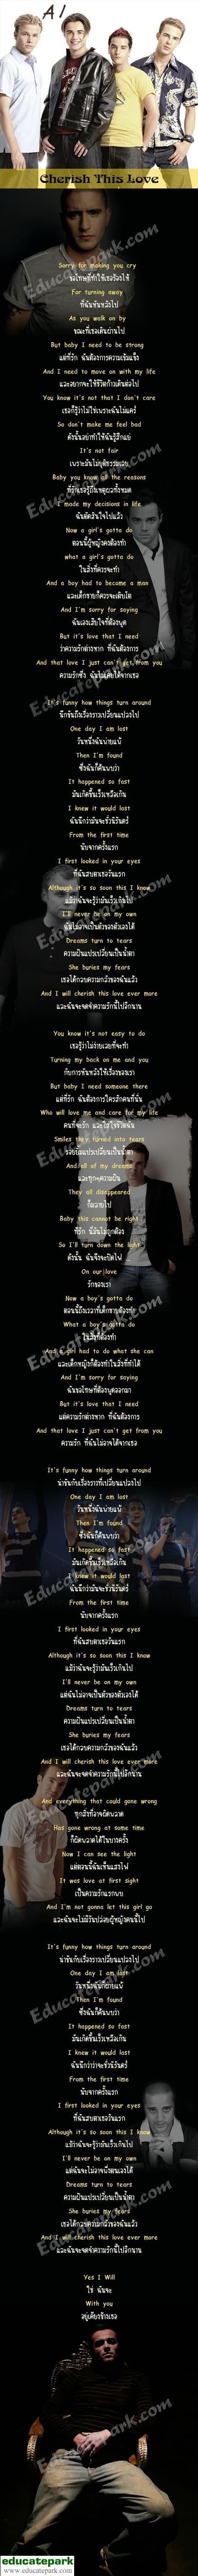 แปลเพลง Cherish This Love - A1